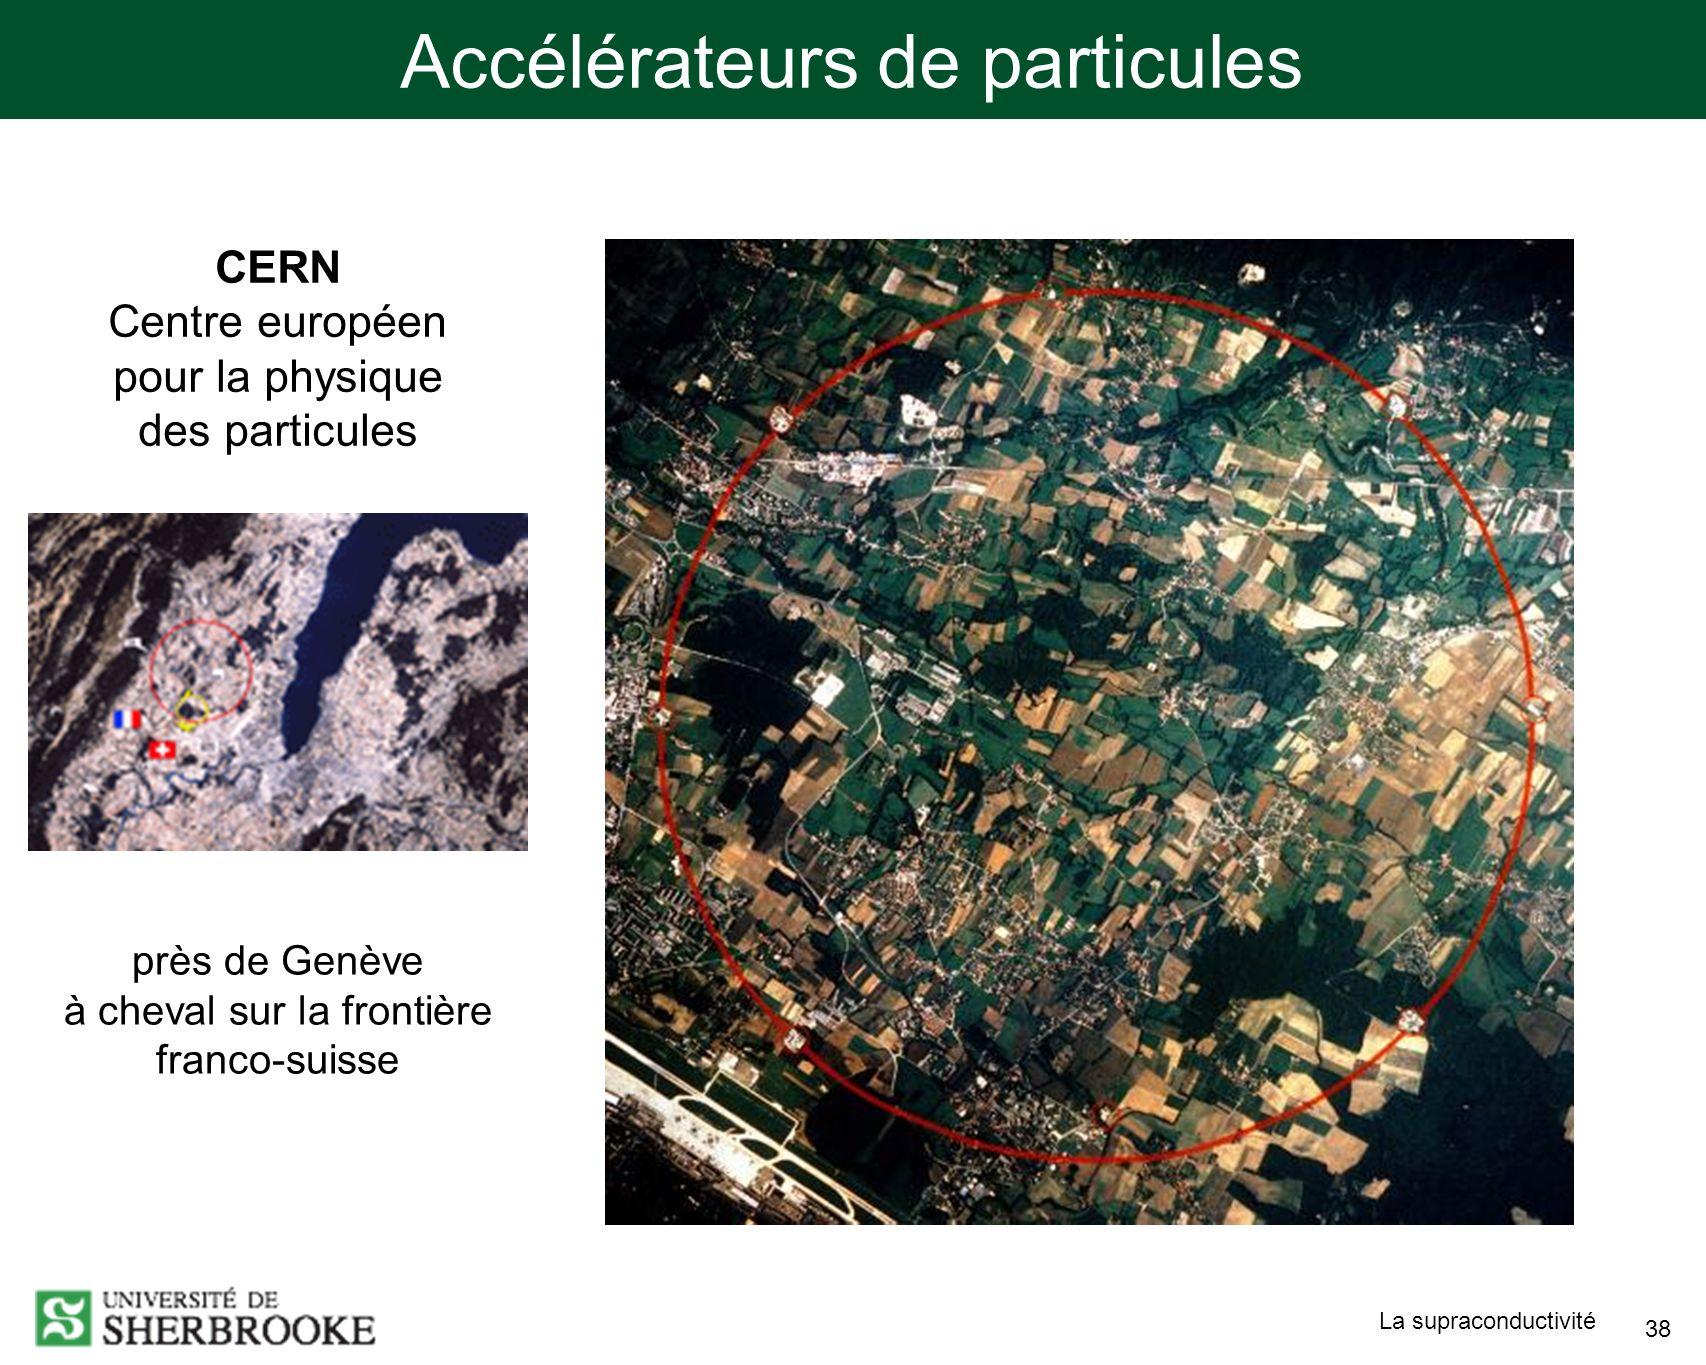 La supraconductivité 38 près de Genève à cheval sur la frontière franco-suisse CERN Centre européen pour la physique des particules Accélérateurs de p